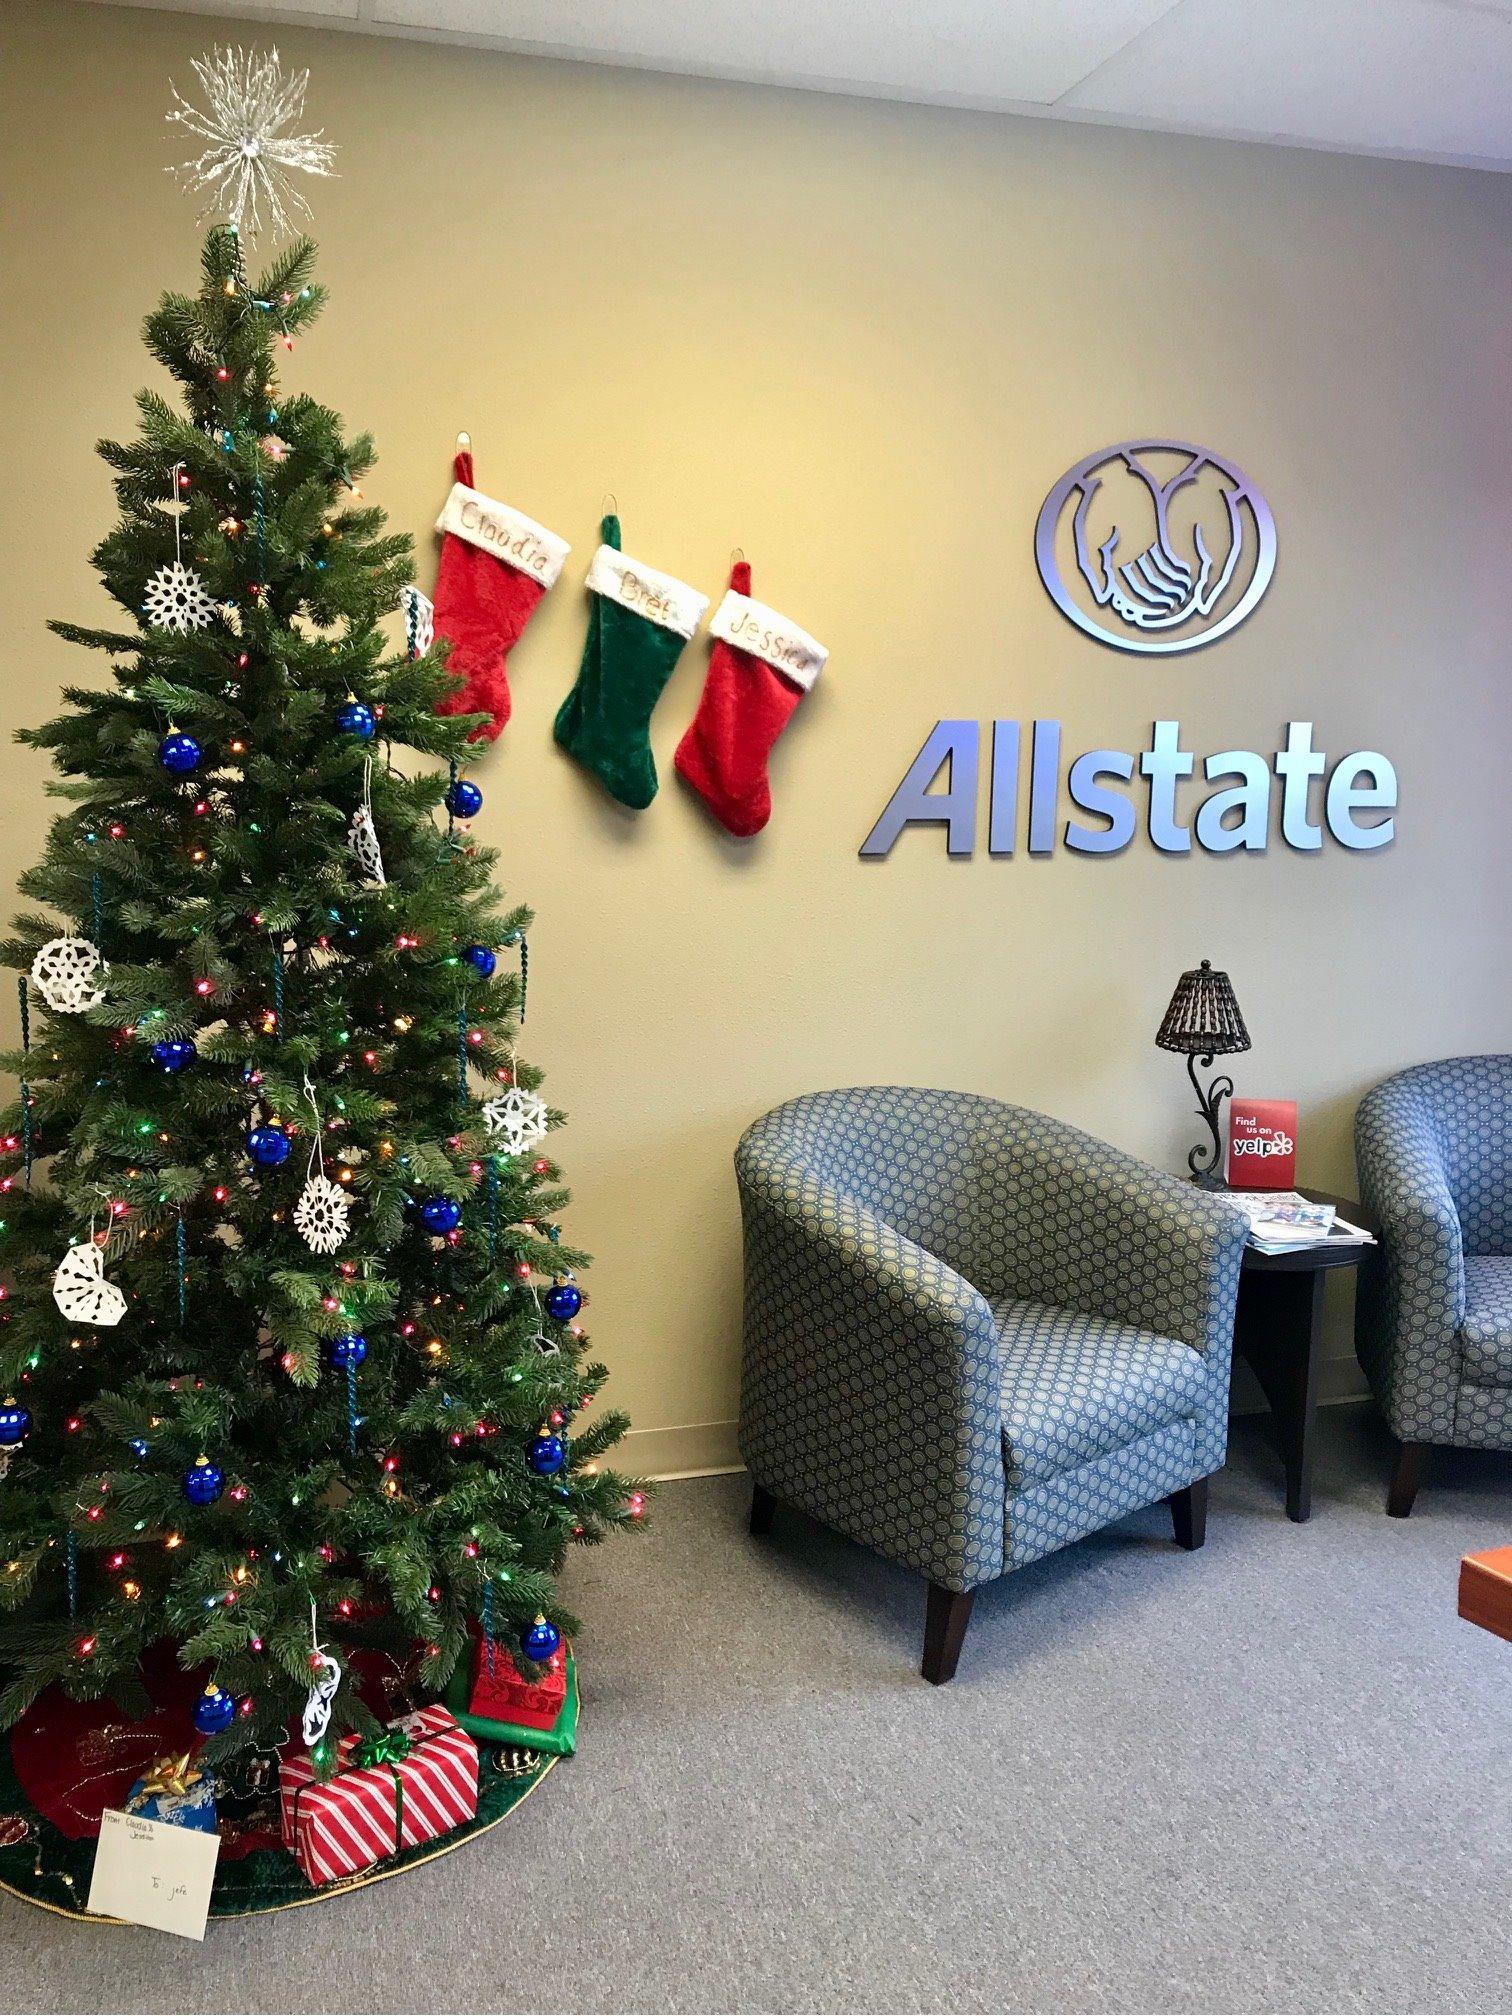 Bret Stephens: Allstate Insurance image 5